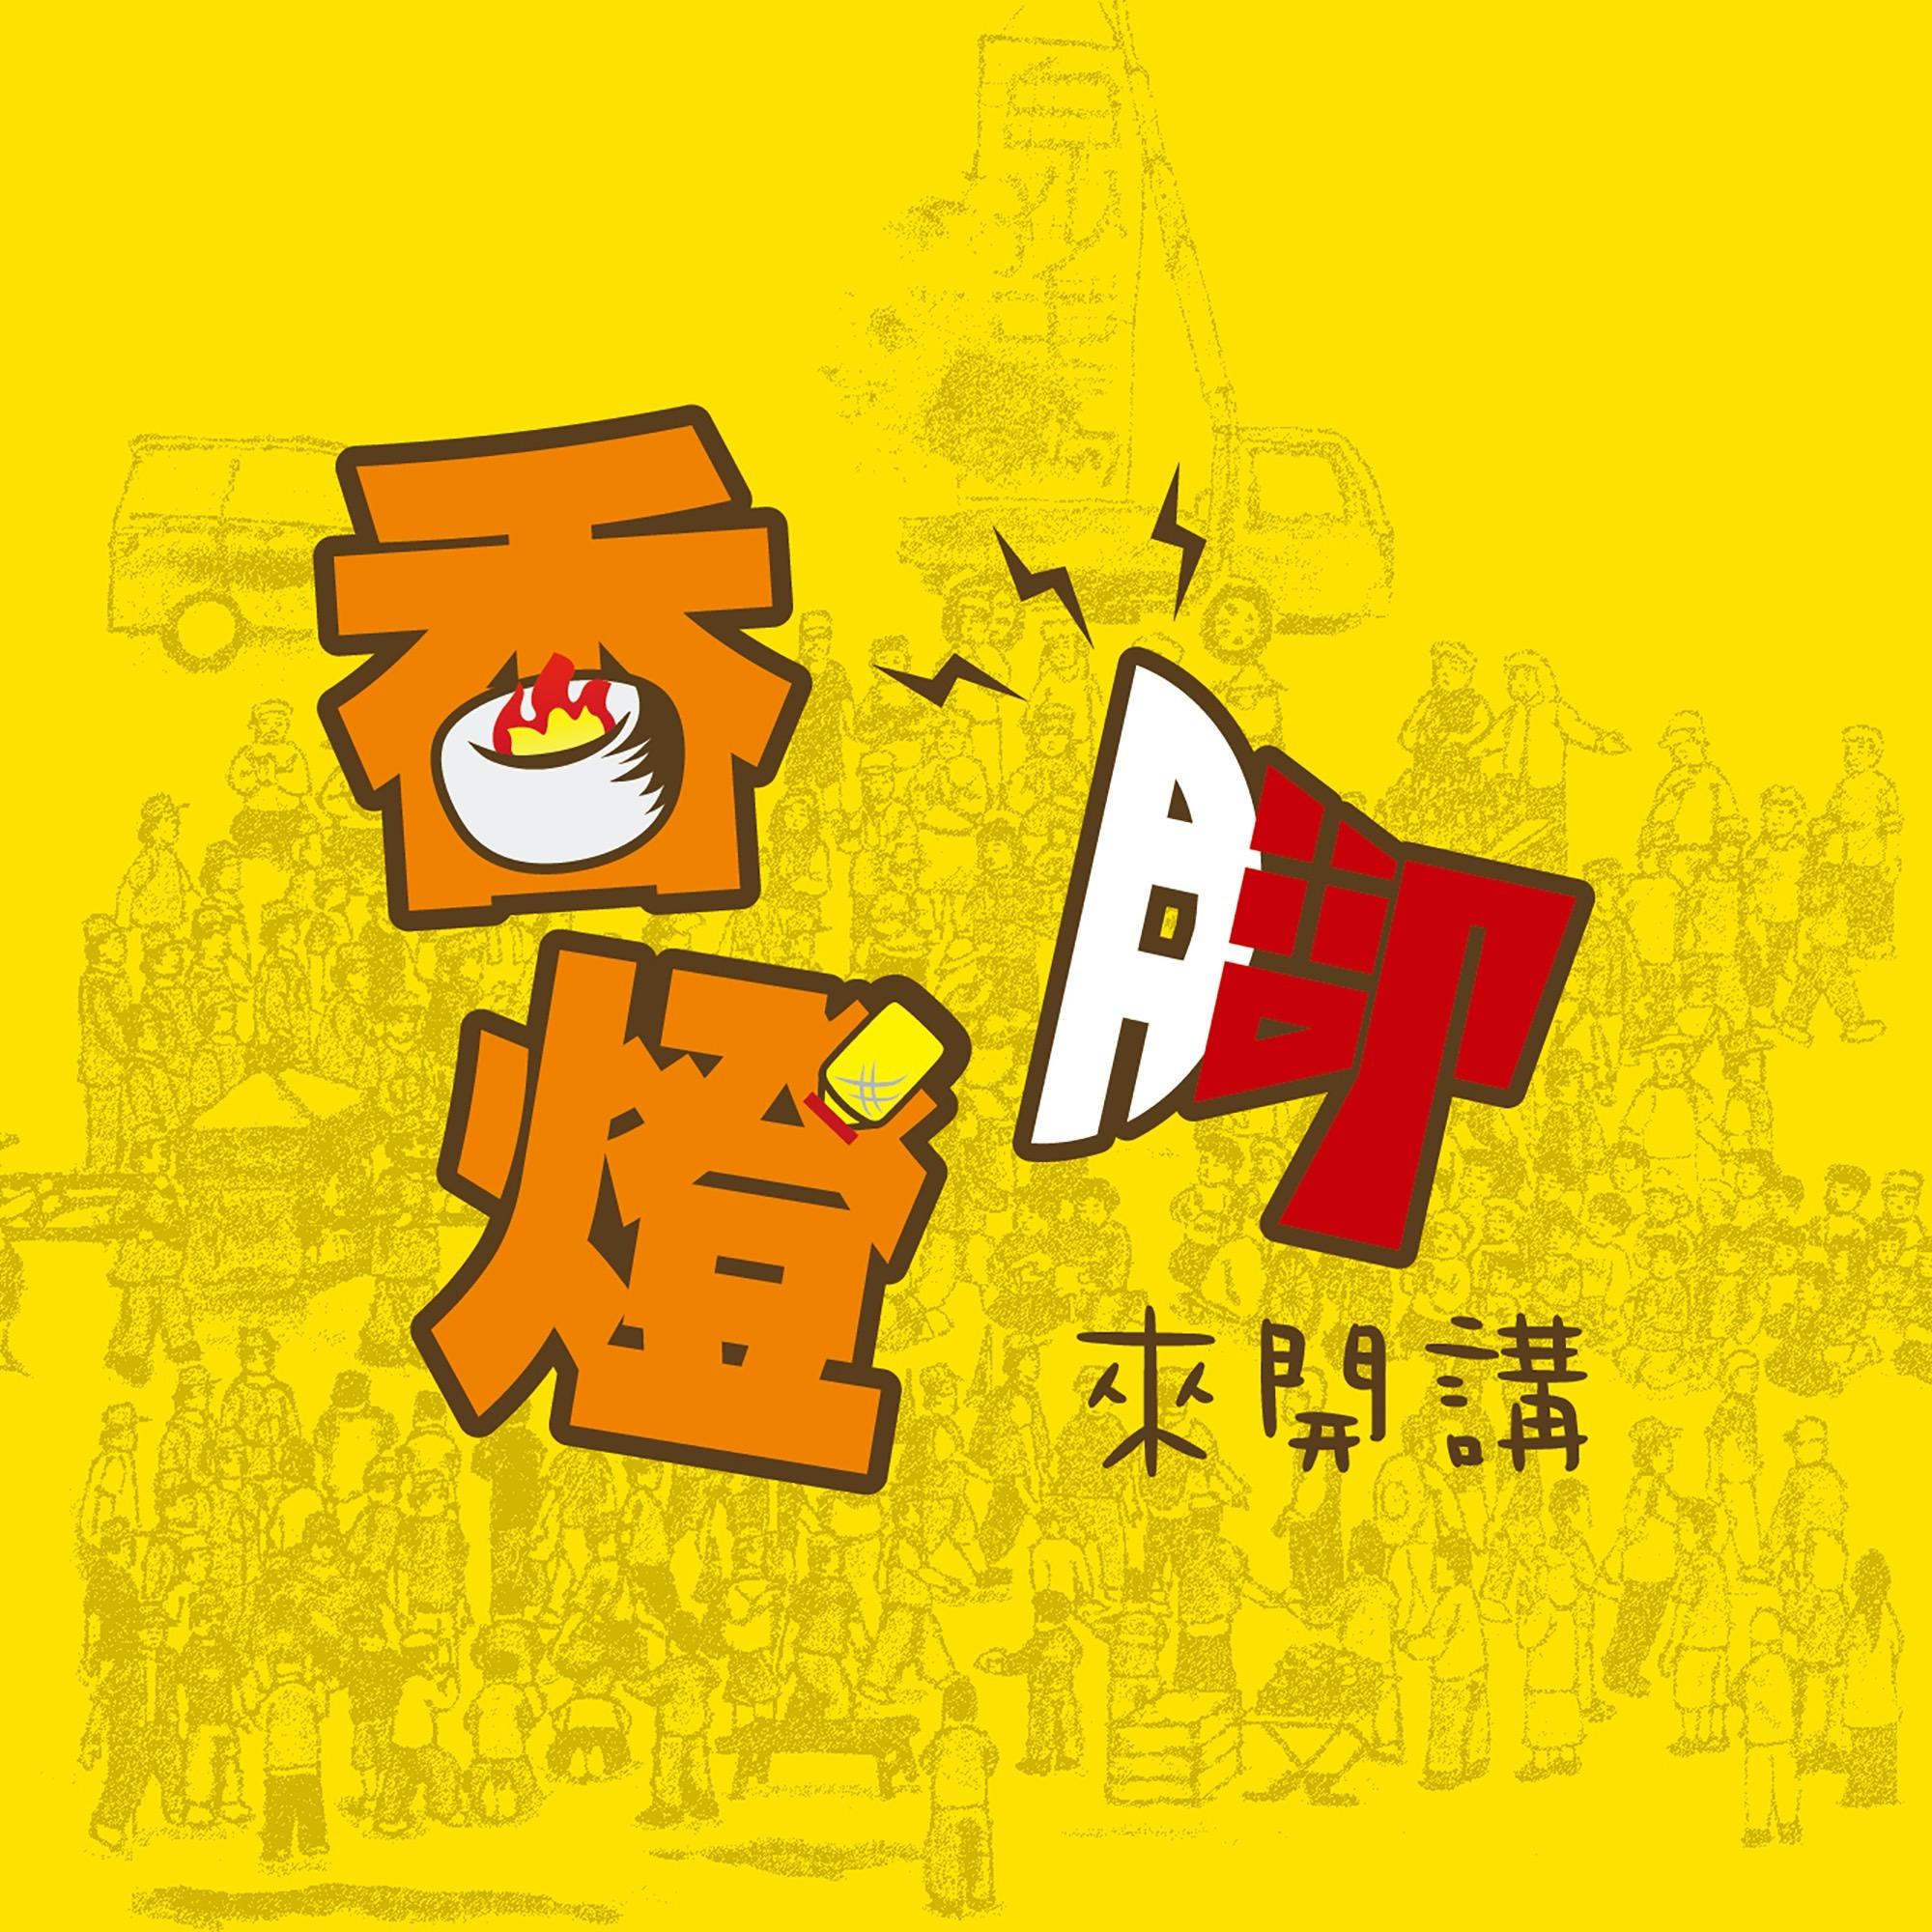 EP20|辛丑年急行軍勇腳來開講 ft. 背負全村希望的彭ㄟ(香燈腳#14)